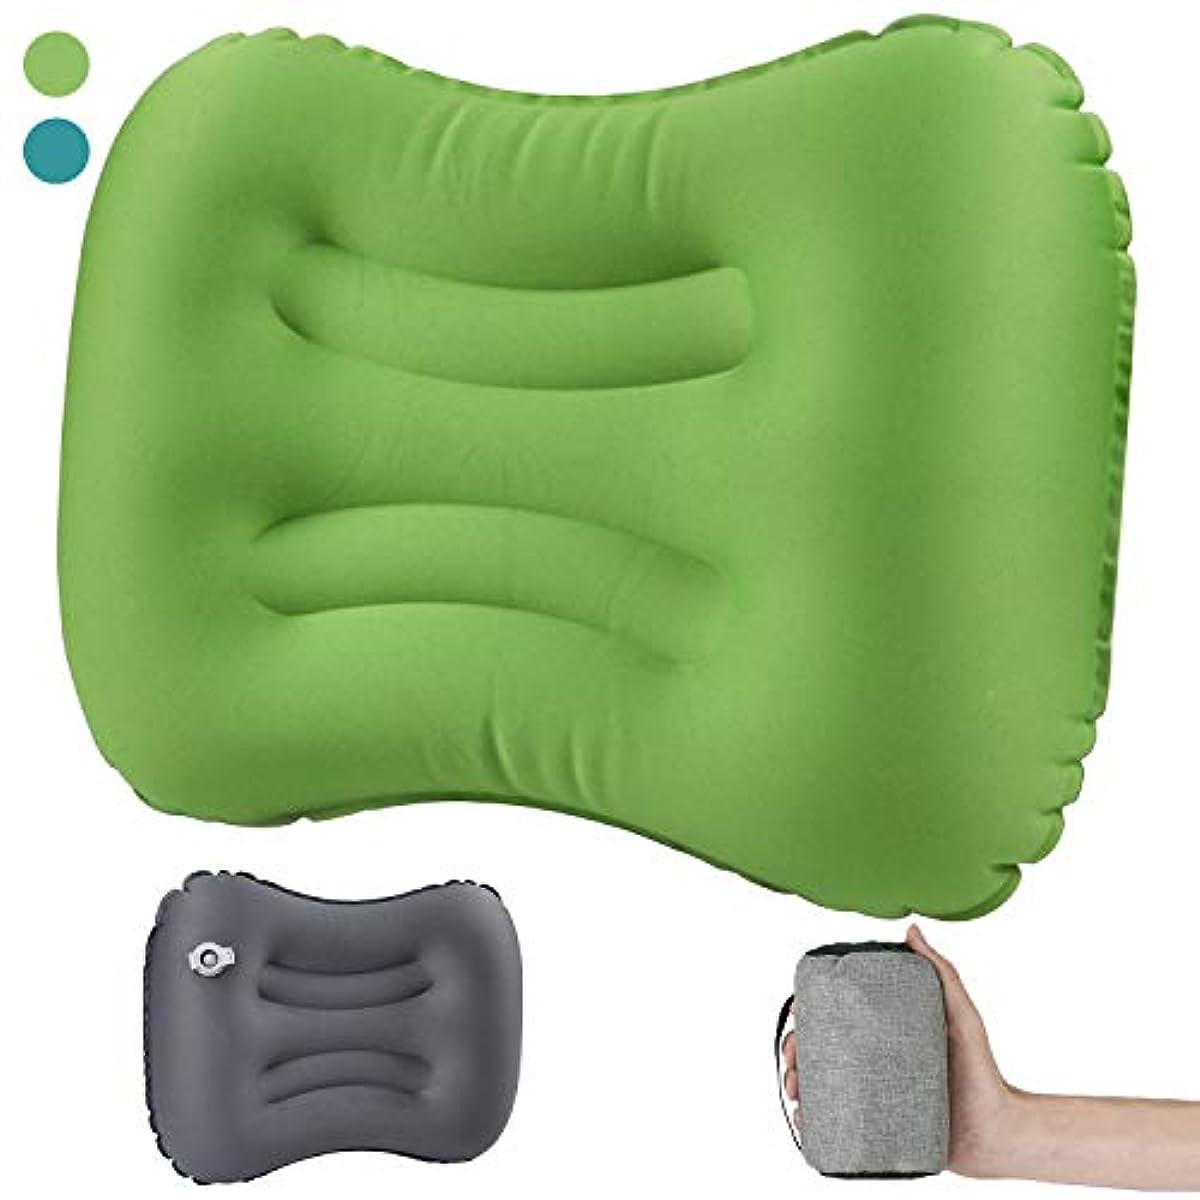 [해외] JUNELADY 캠프침 에어 pillow 에어 베개 공기침 휴대 여행용침 트래블 pillow 여행용 침비행기 출장 수납가